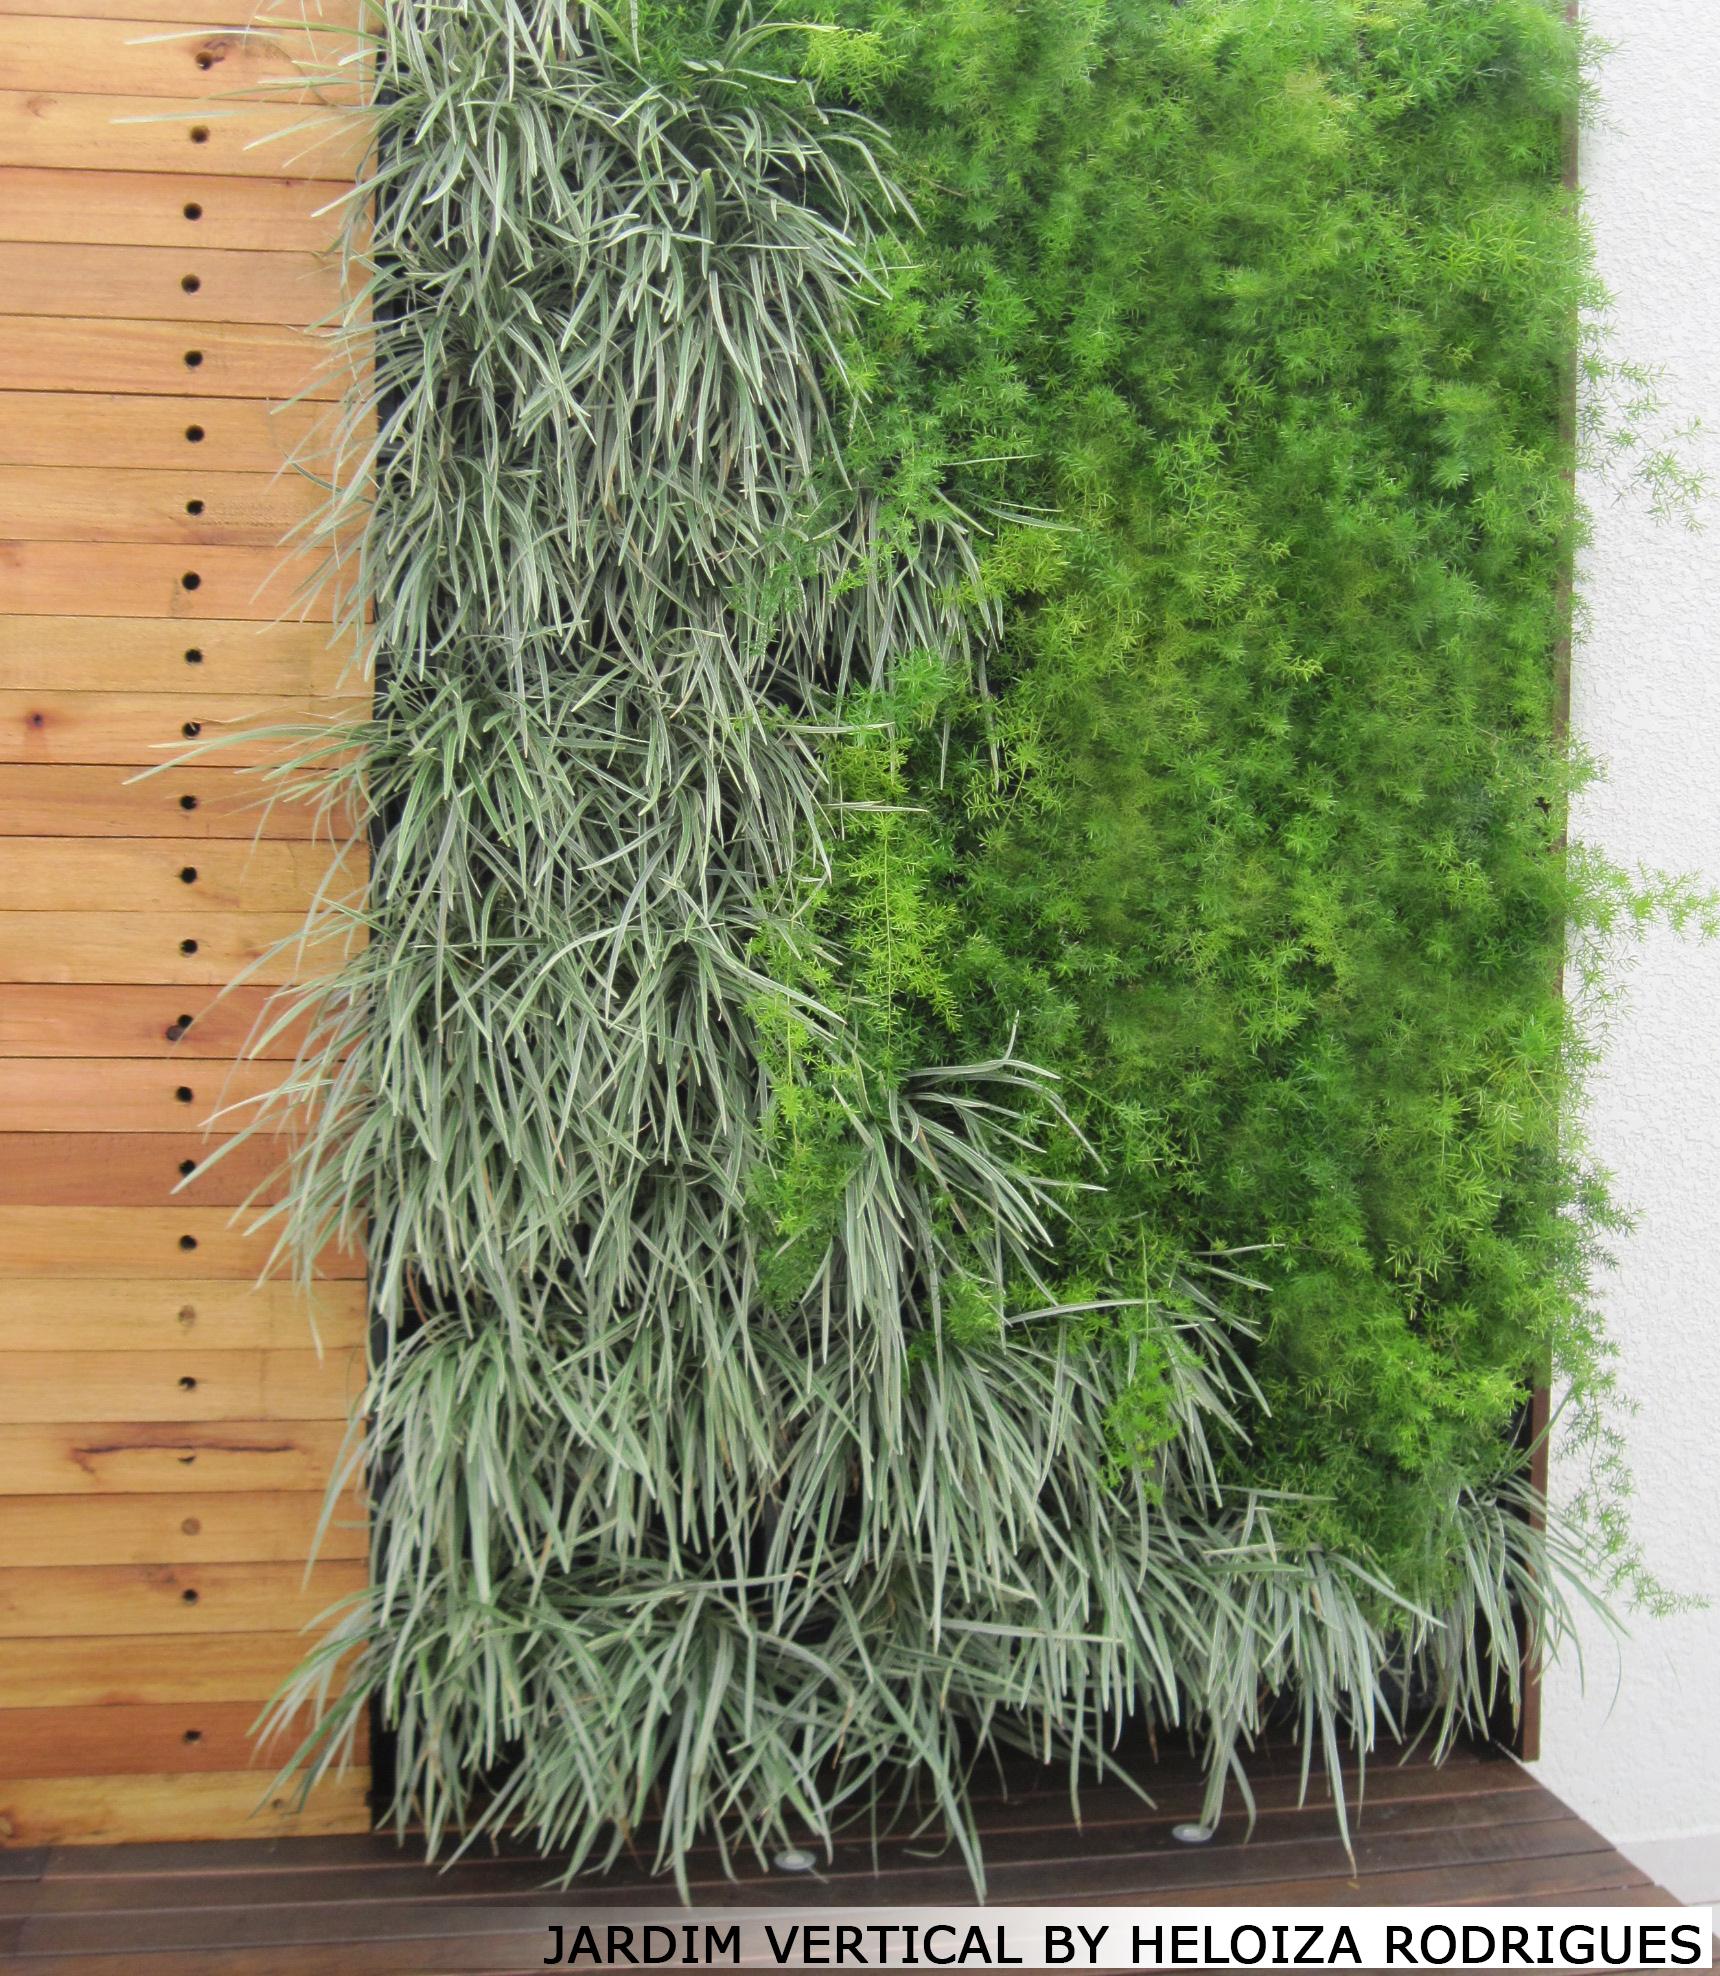 jardim vertical by heloiza rodrigues